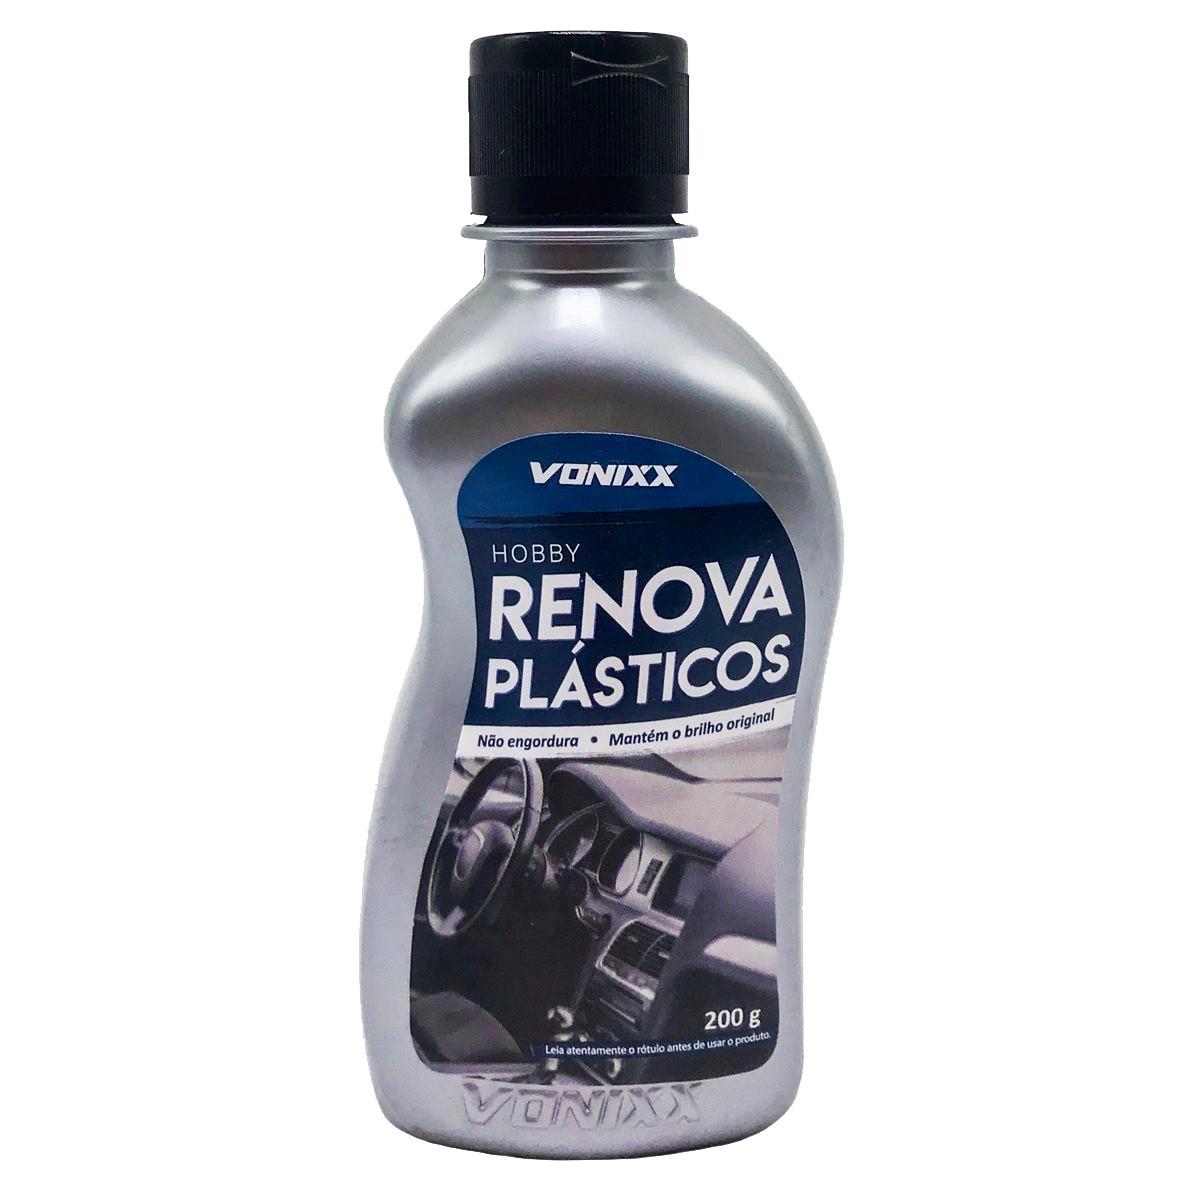 Renova Plasticos 200g - Vonixx